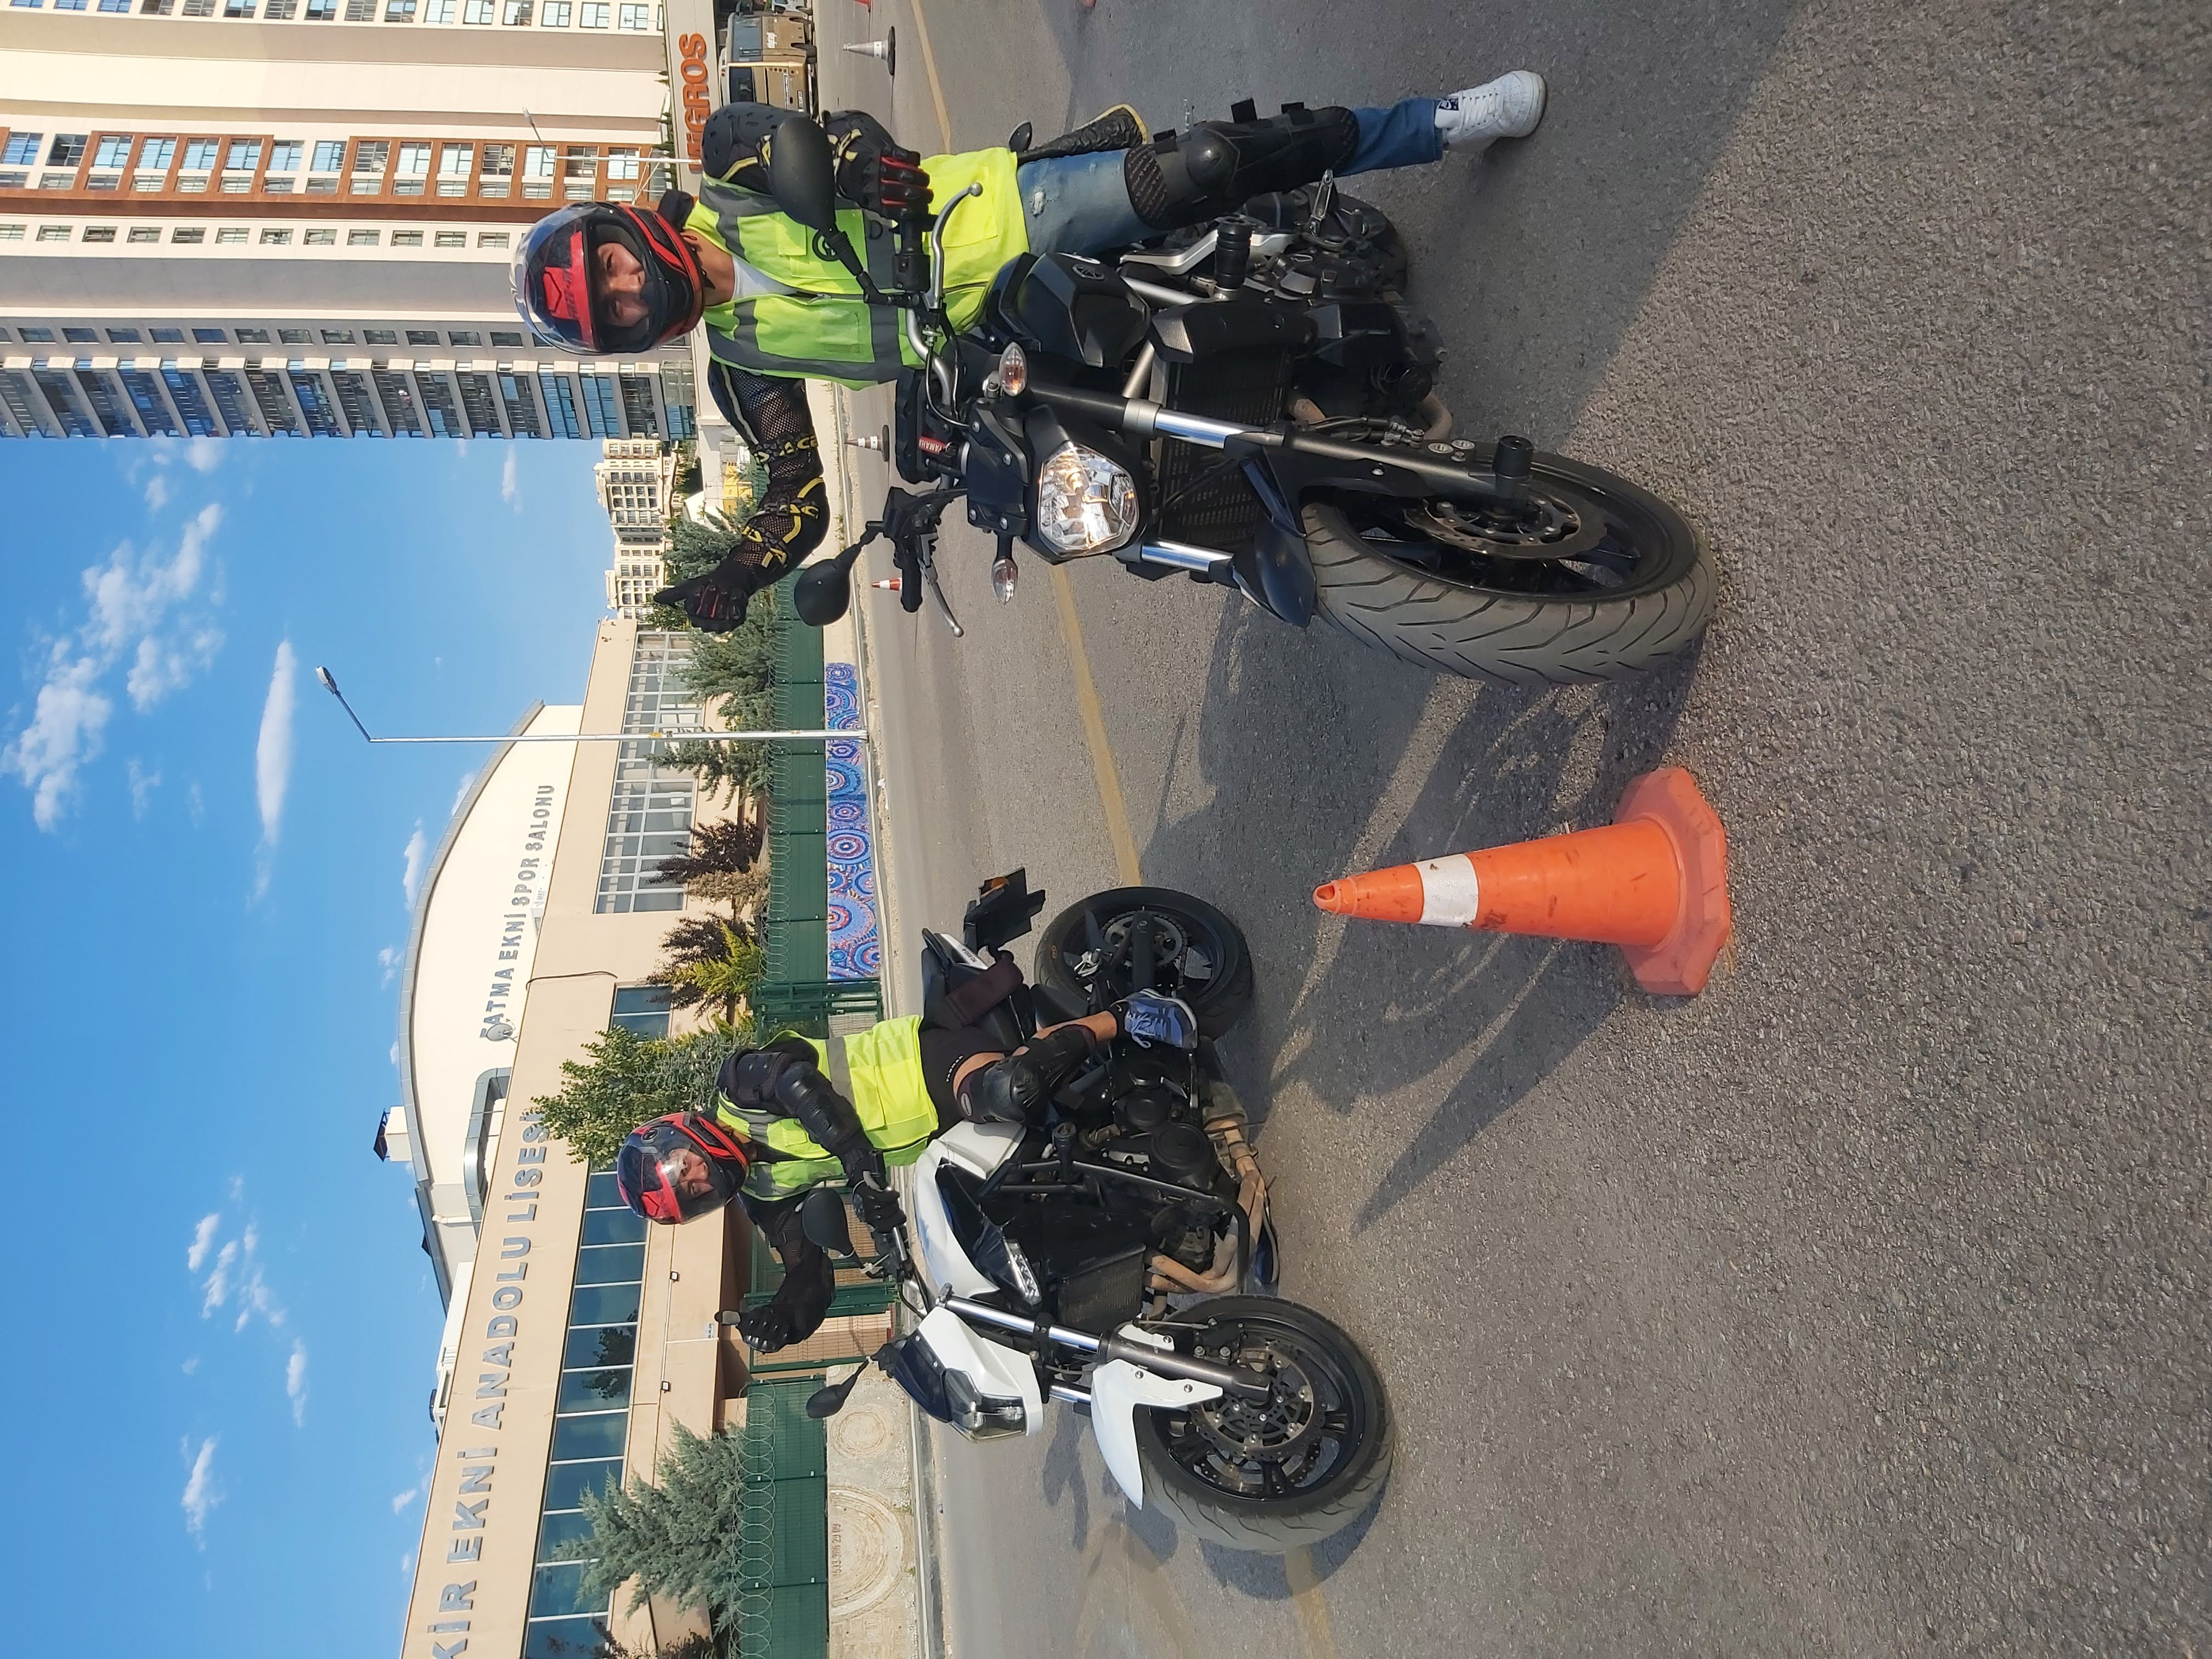 Esat Sürücü Kursu A Sınıfı Motosiklet Eğitimi Esat Motosiklet Okulu